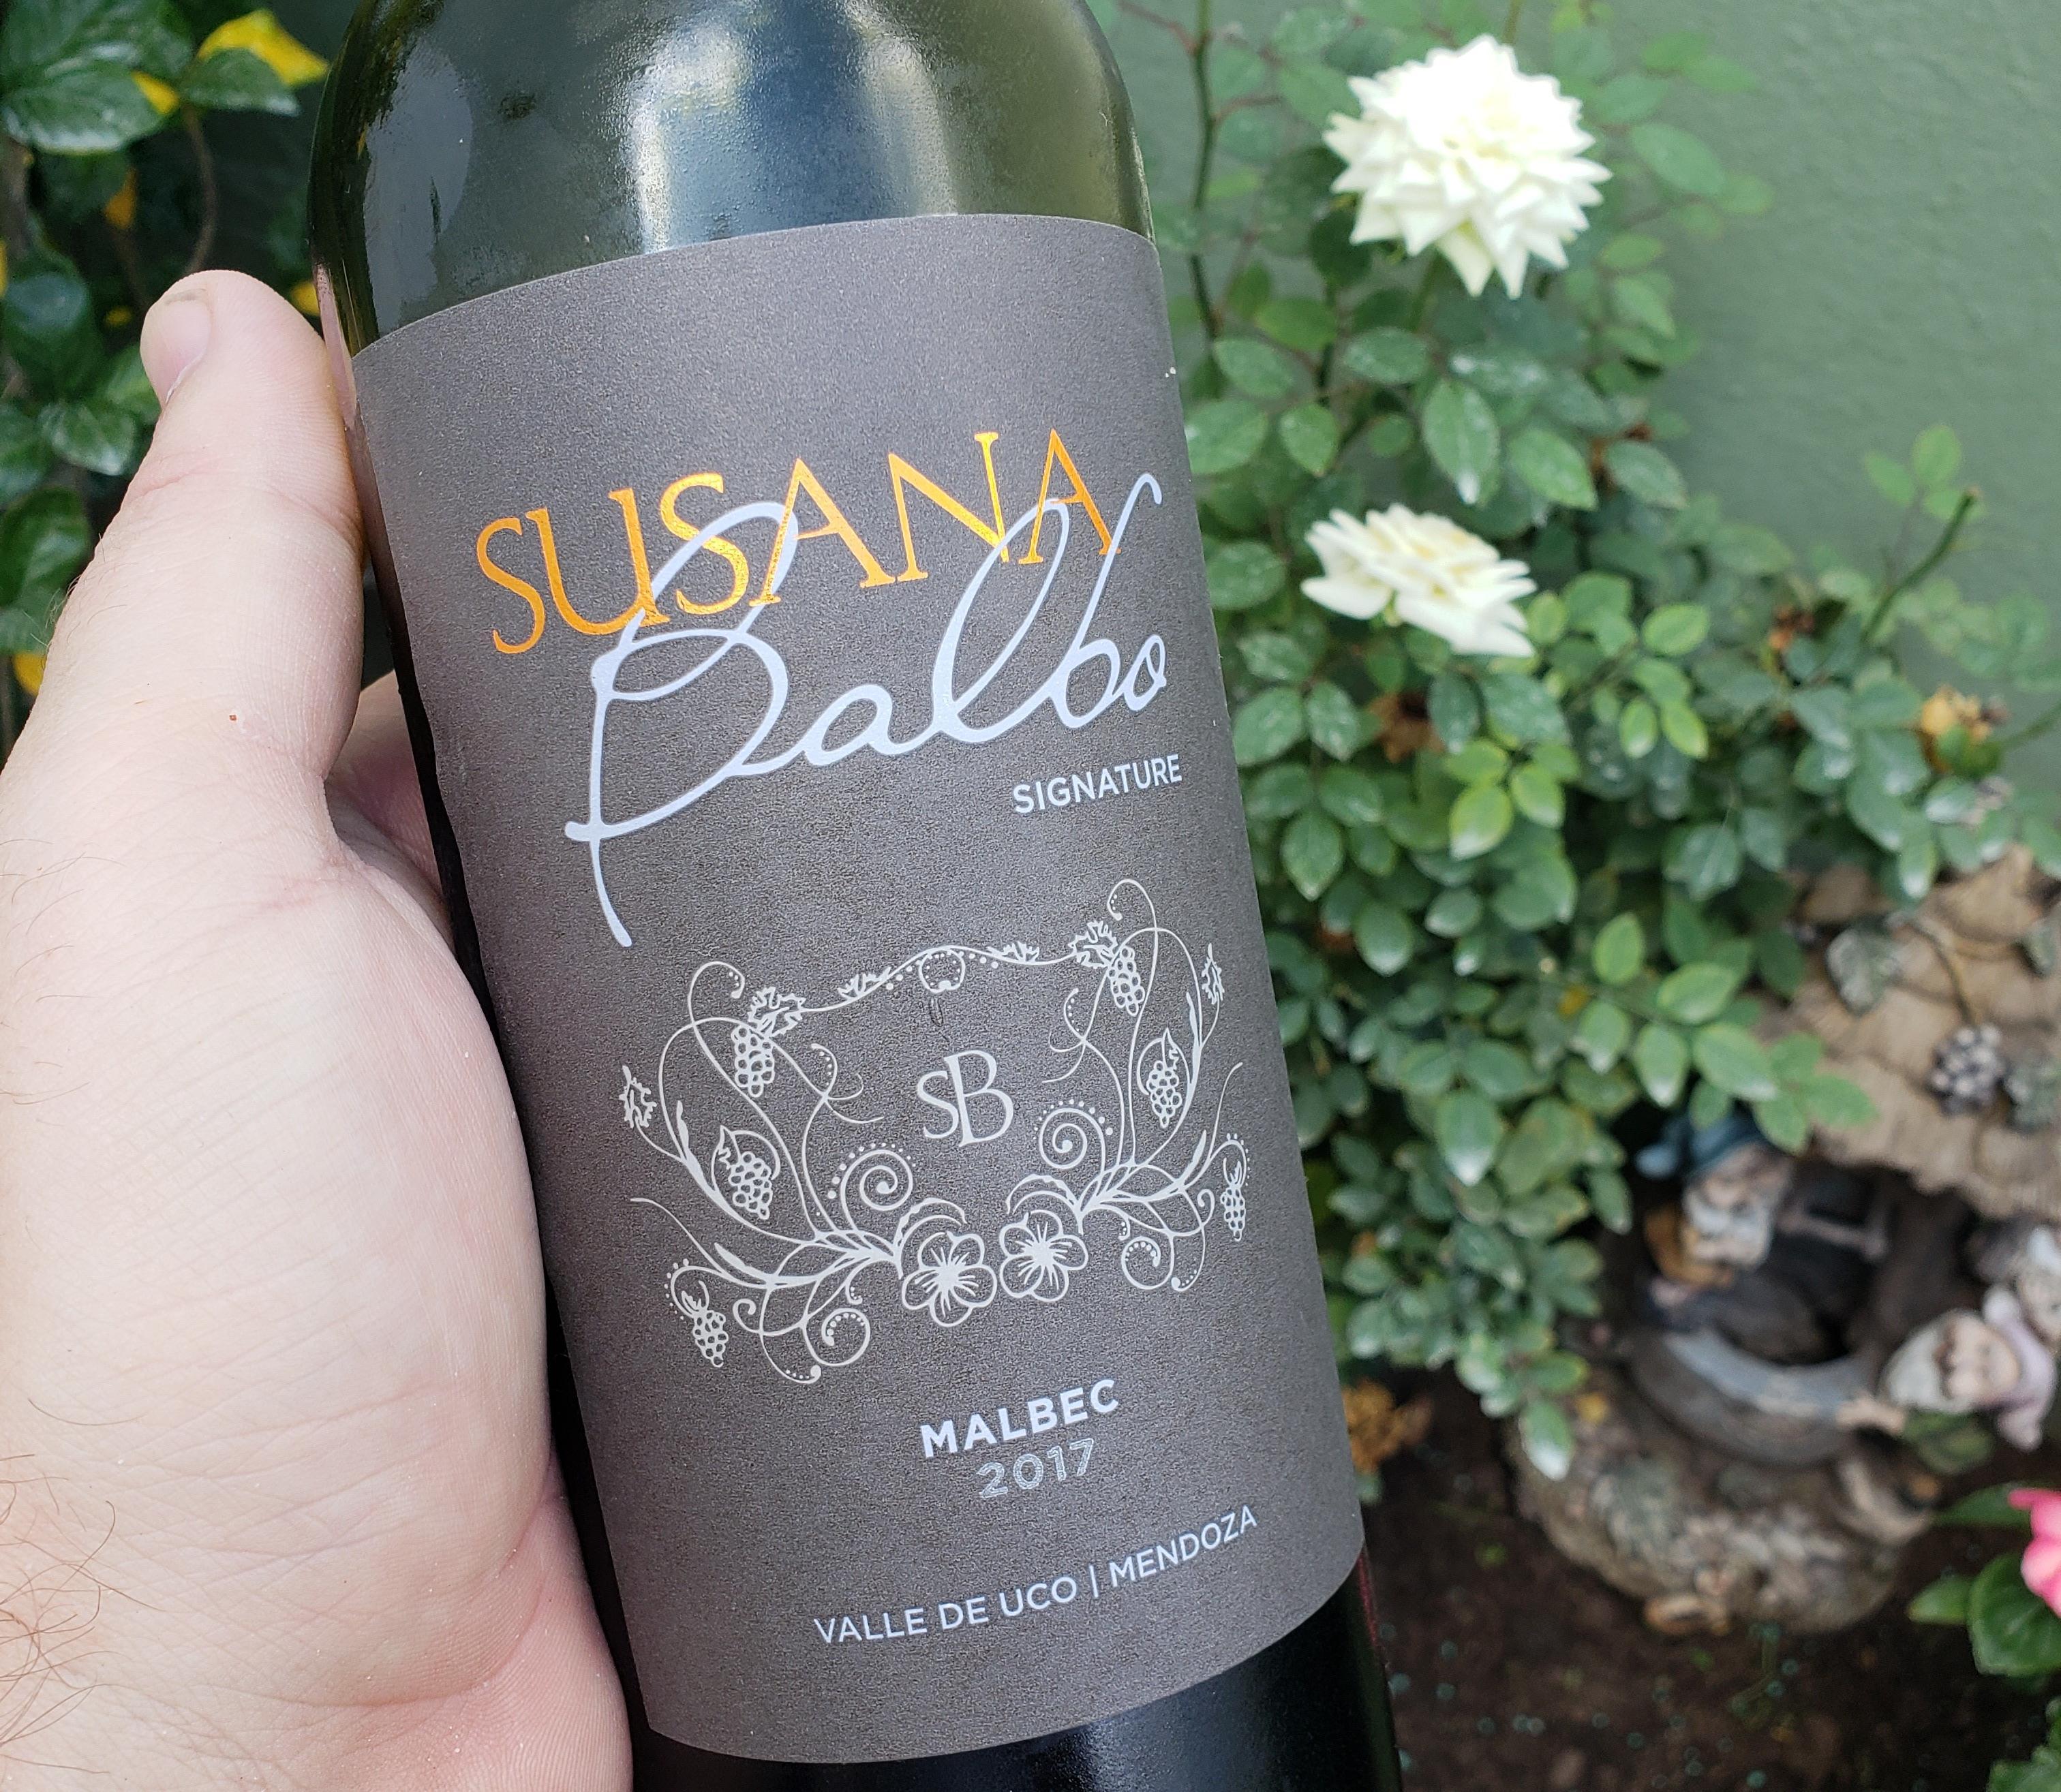 Susana Balbo Signature Malbec 2017 para encontrar las notas florales en un Malbec